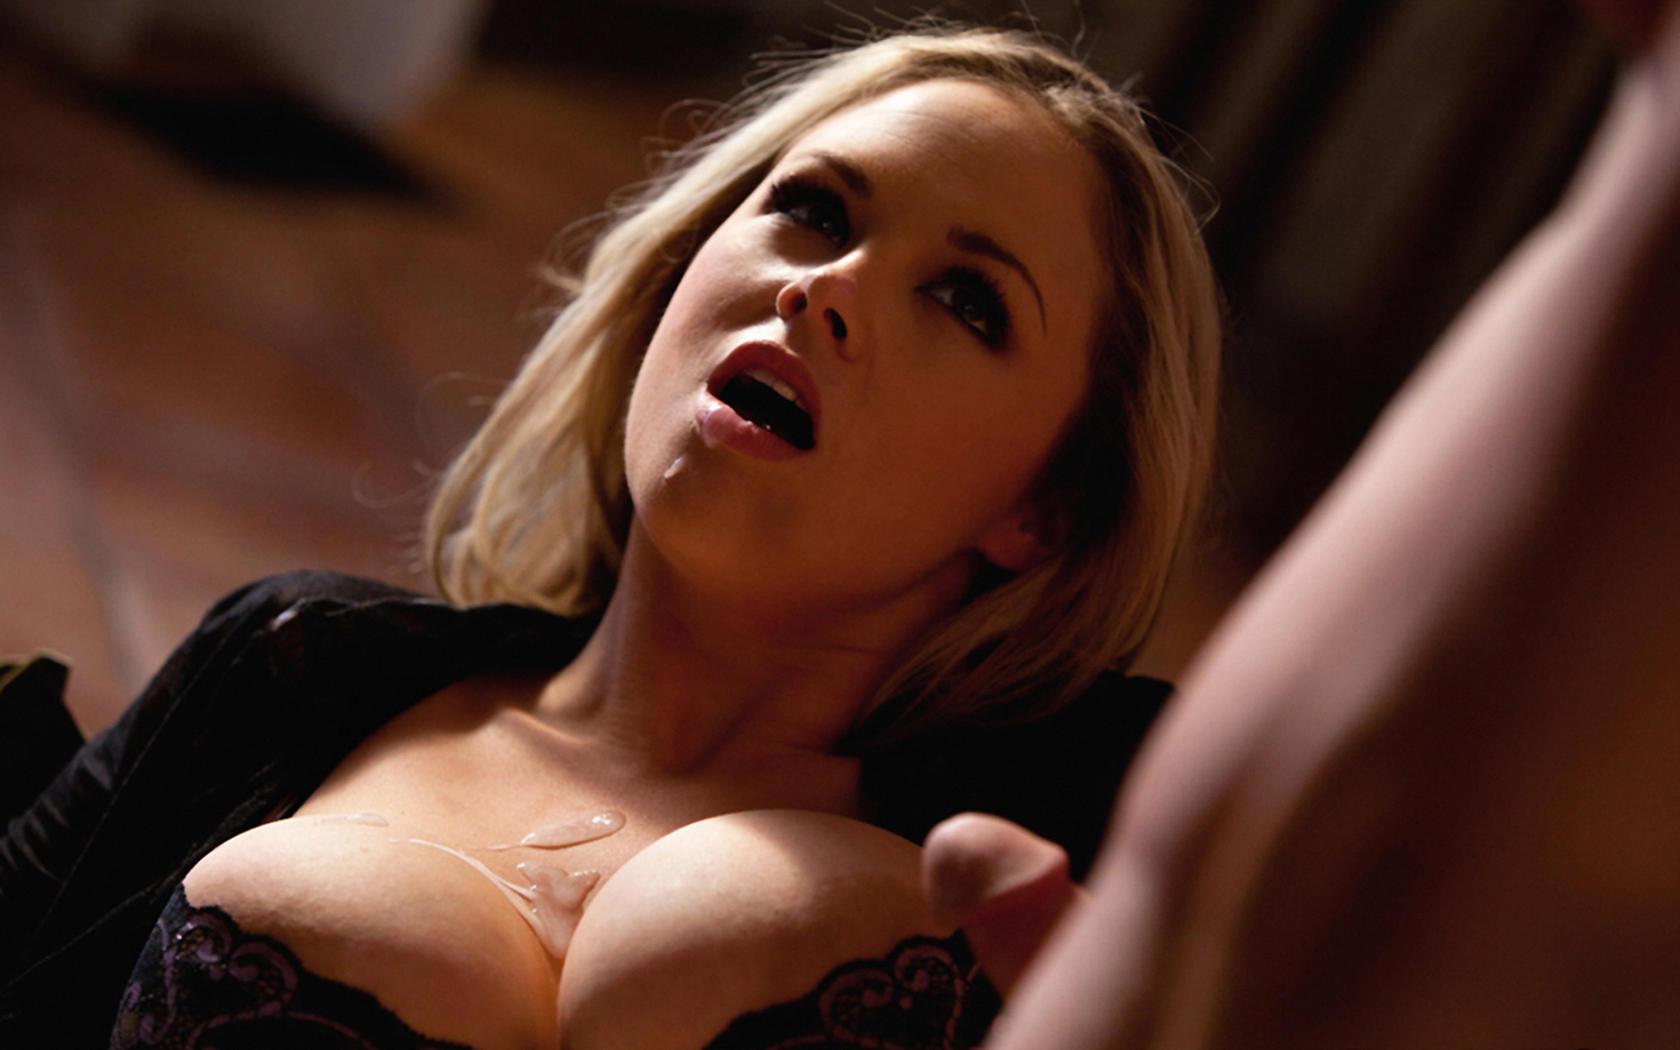 Keeley hazell pussy photo